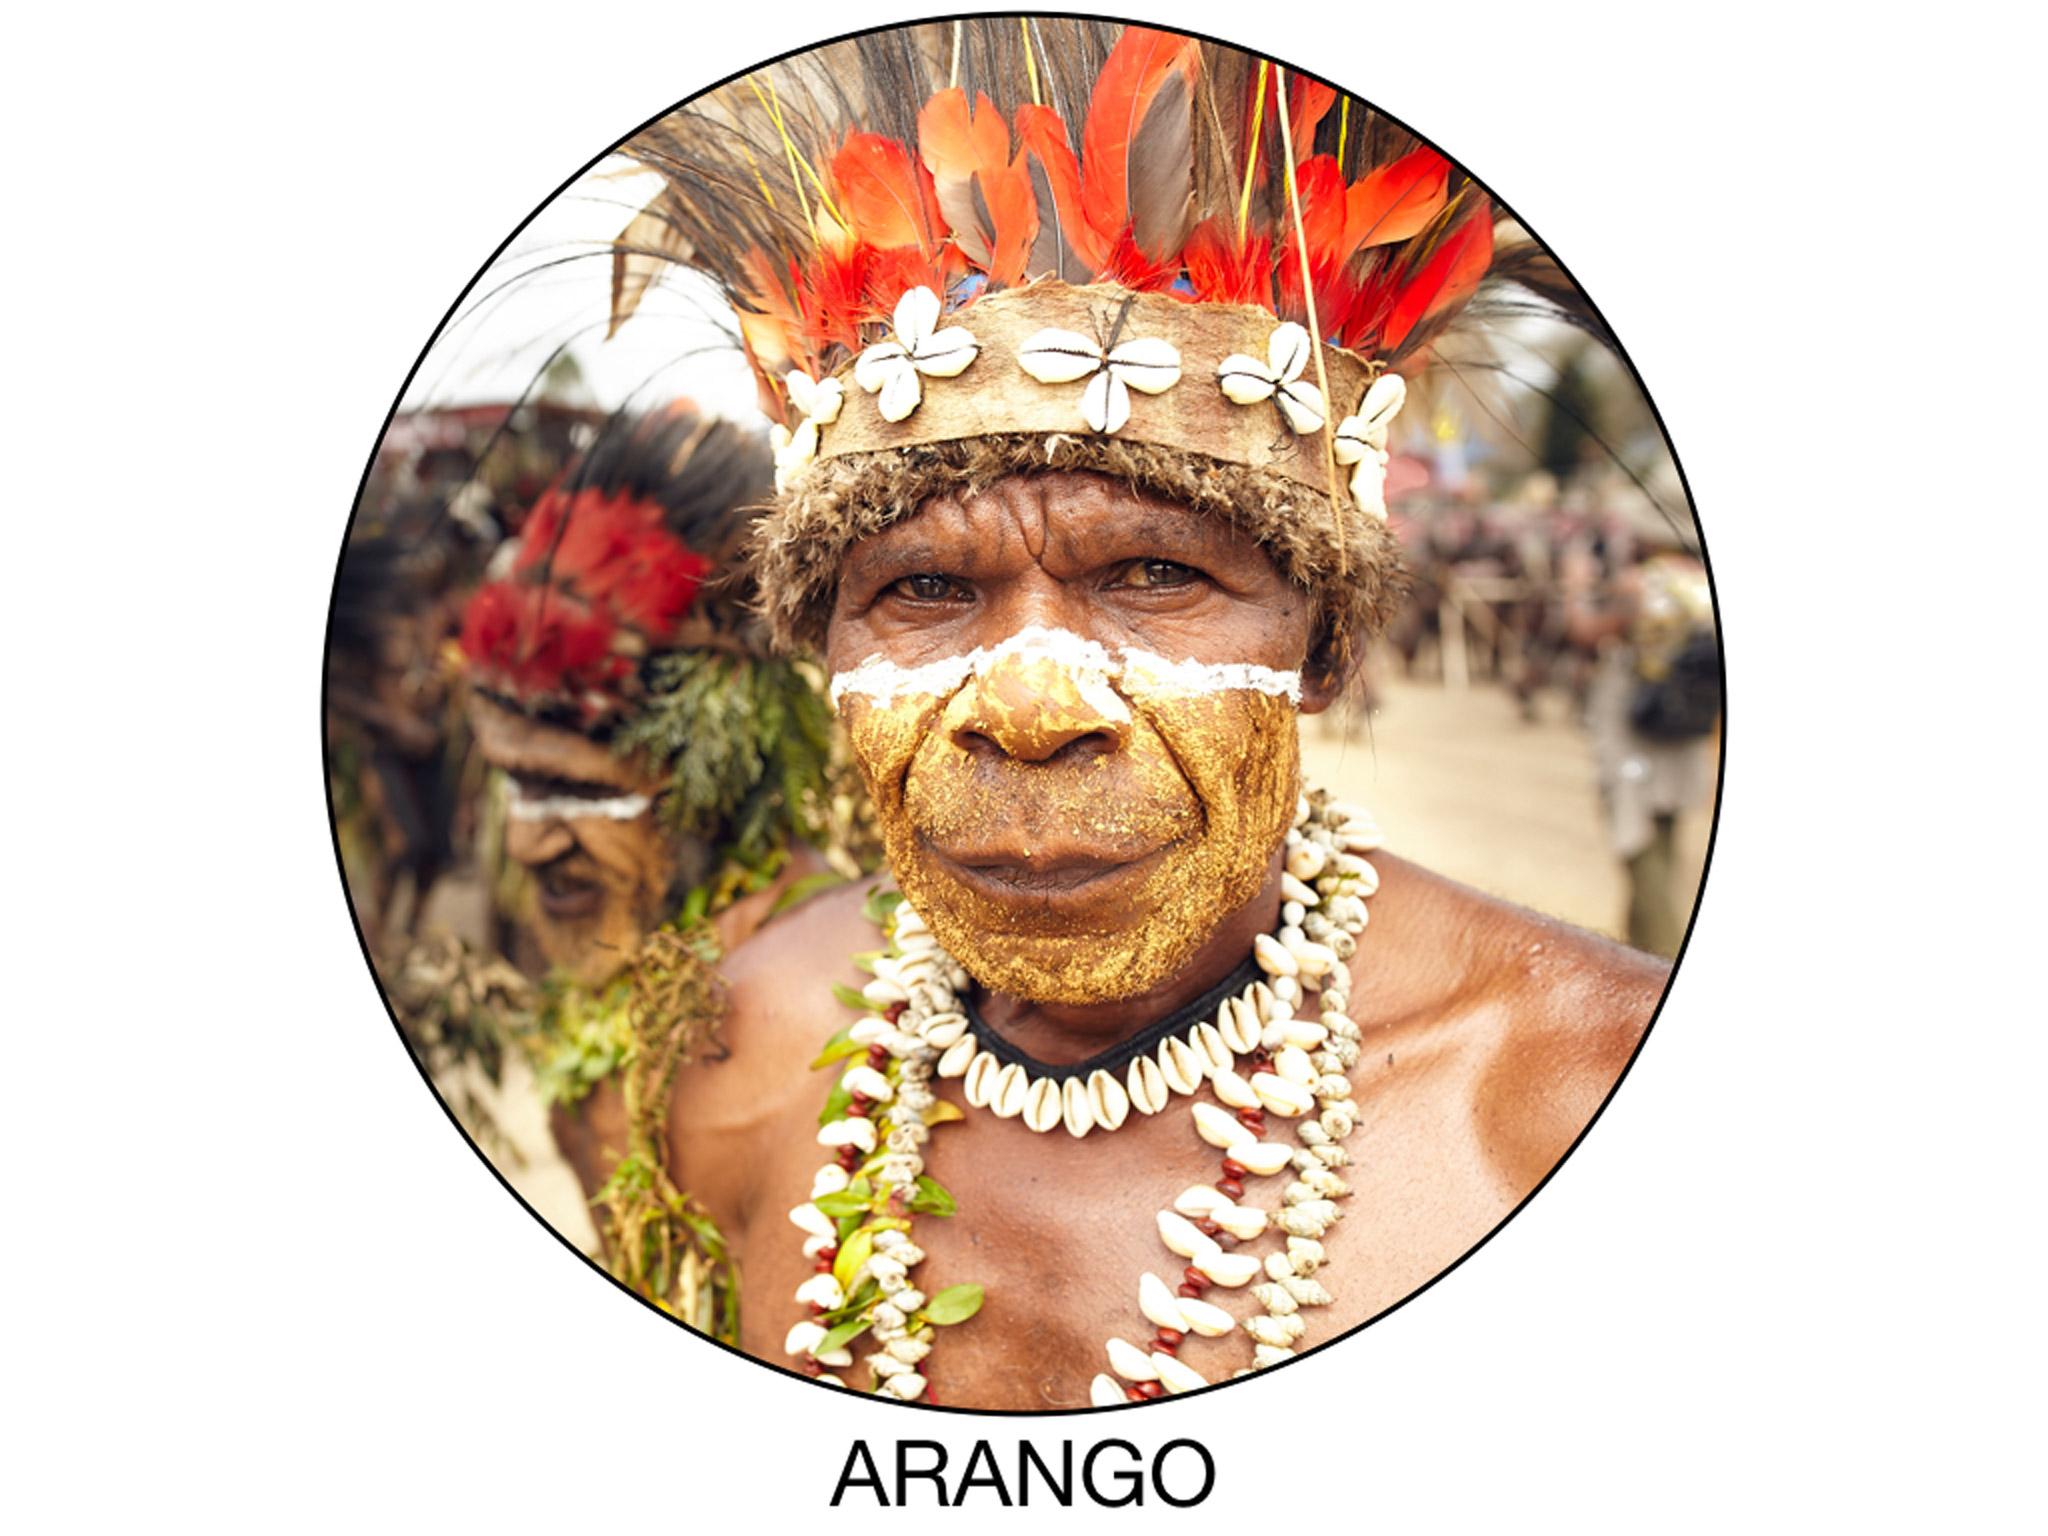 Arango-warrior-portrait